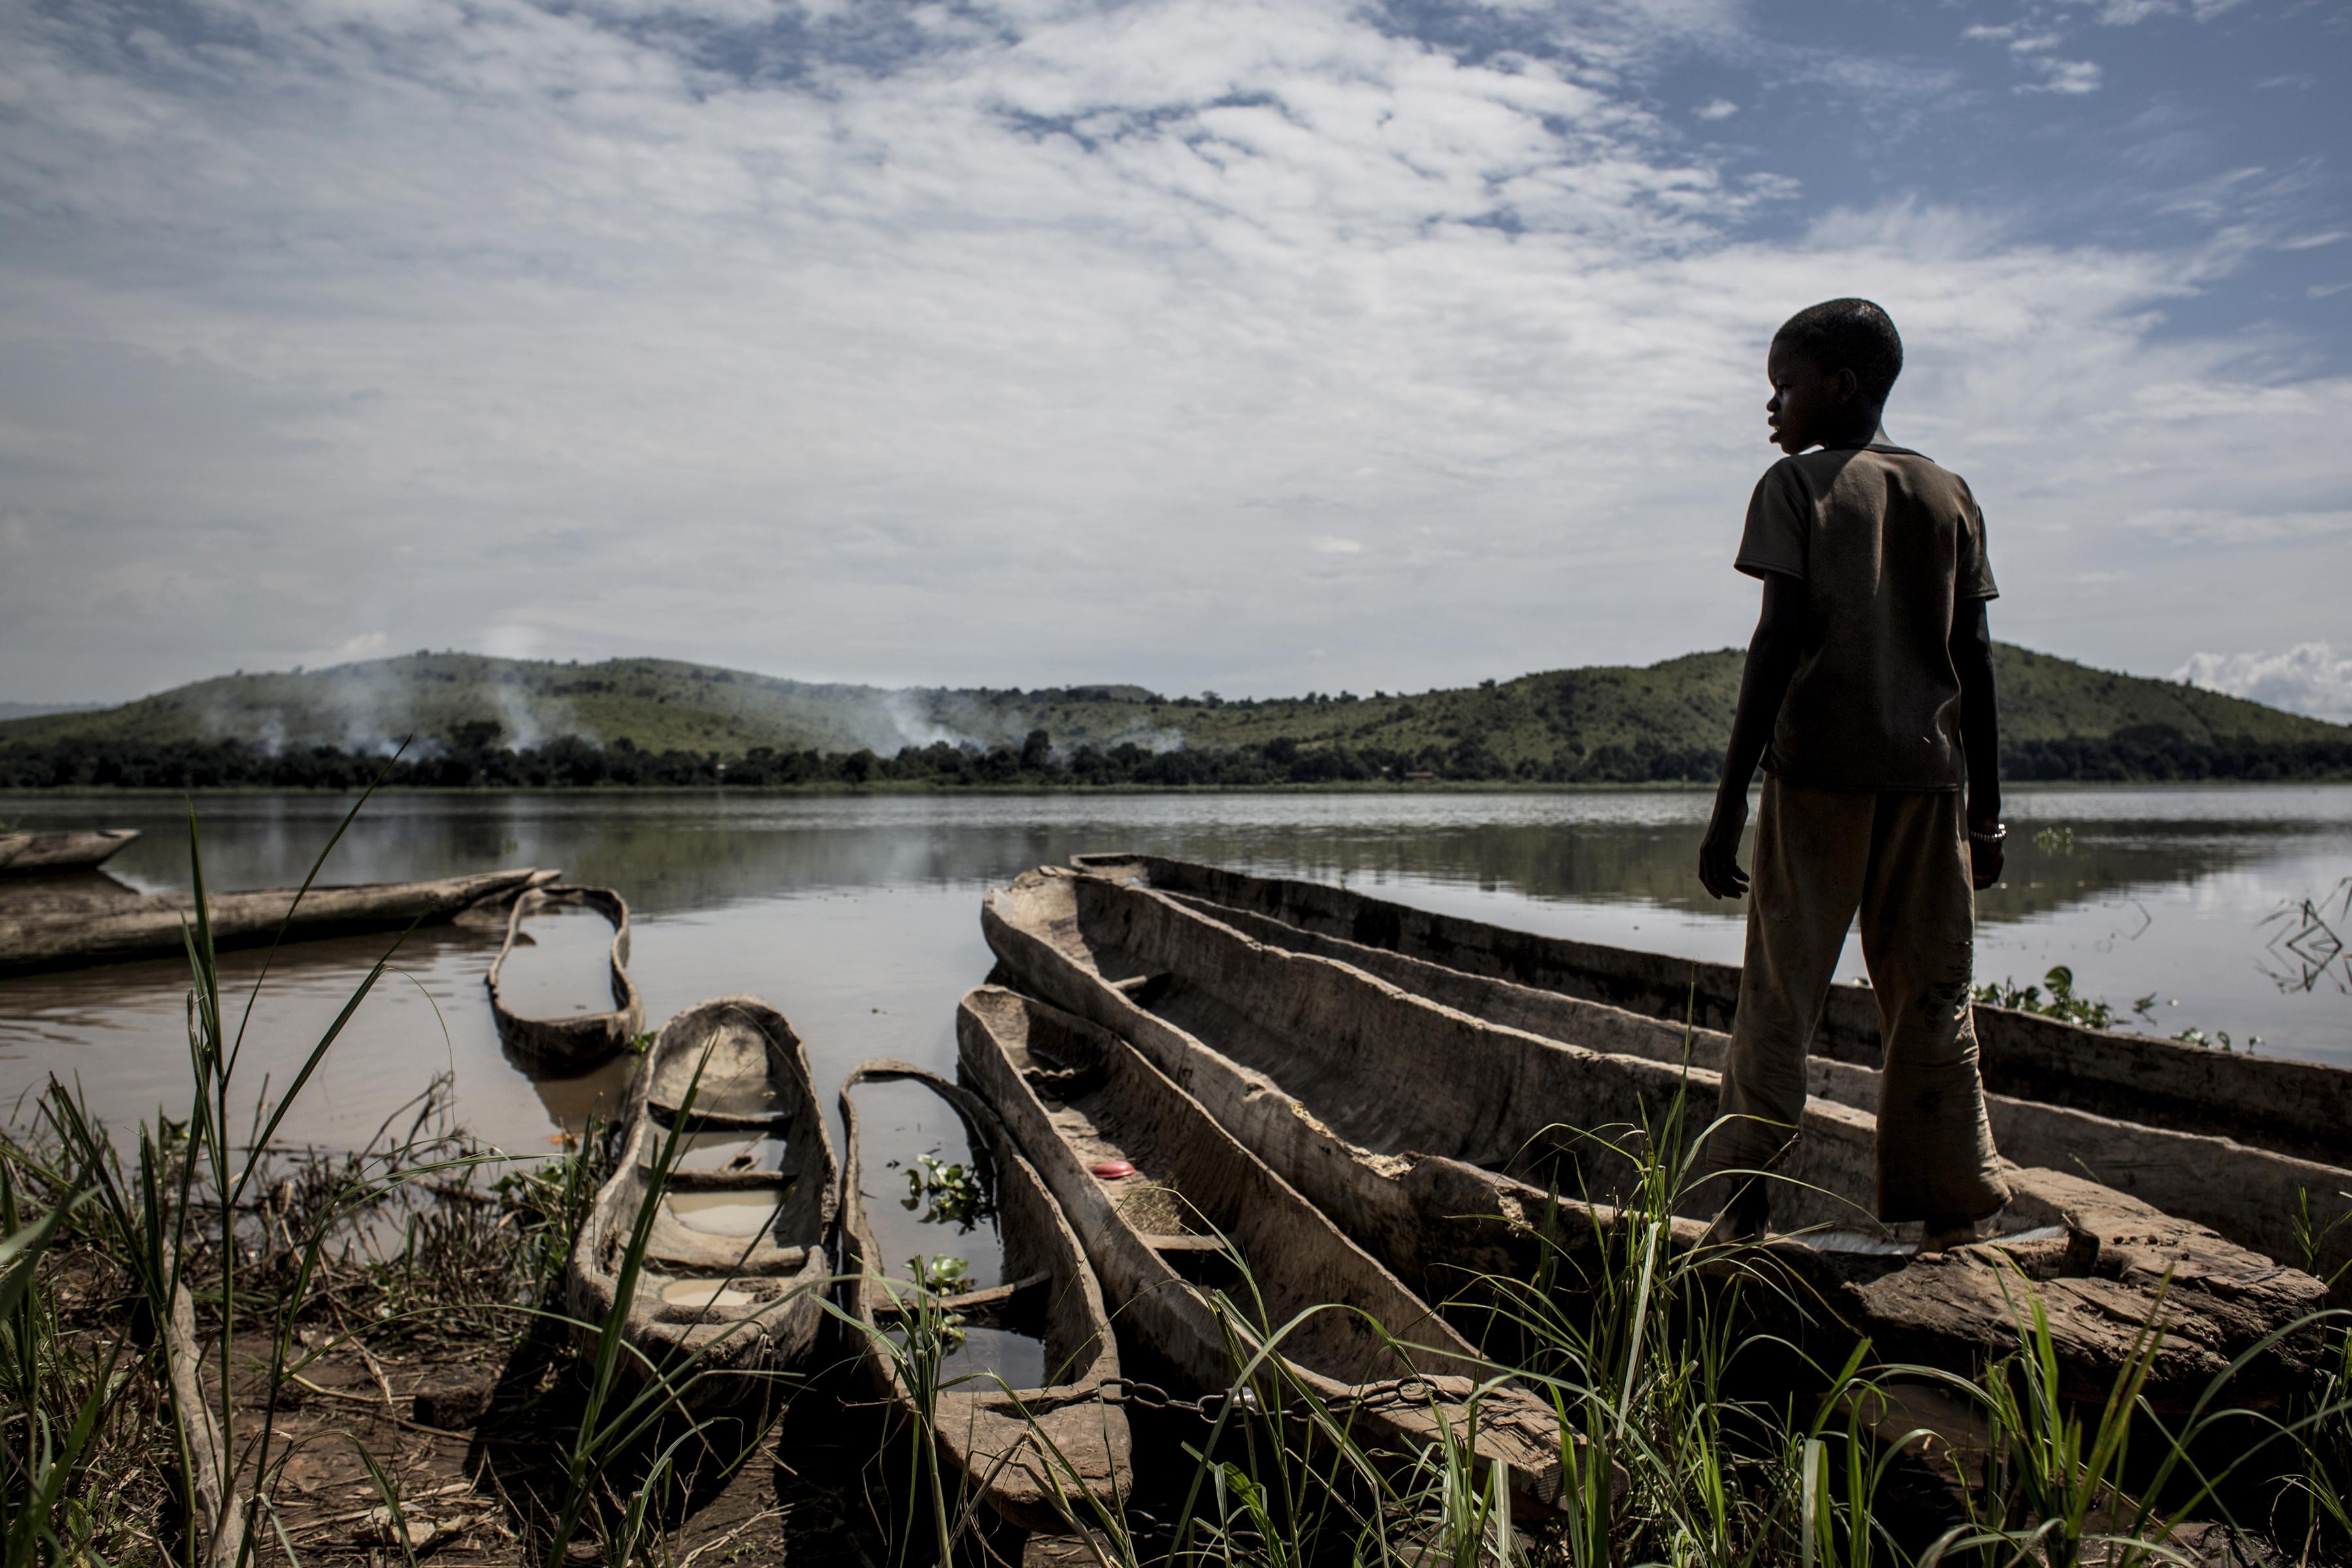 Hétmillió embernek sürgősen segítségre van szüksége a Kongói Demokratikus Köztársaságban